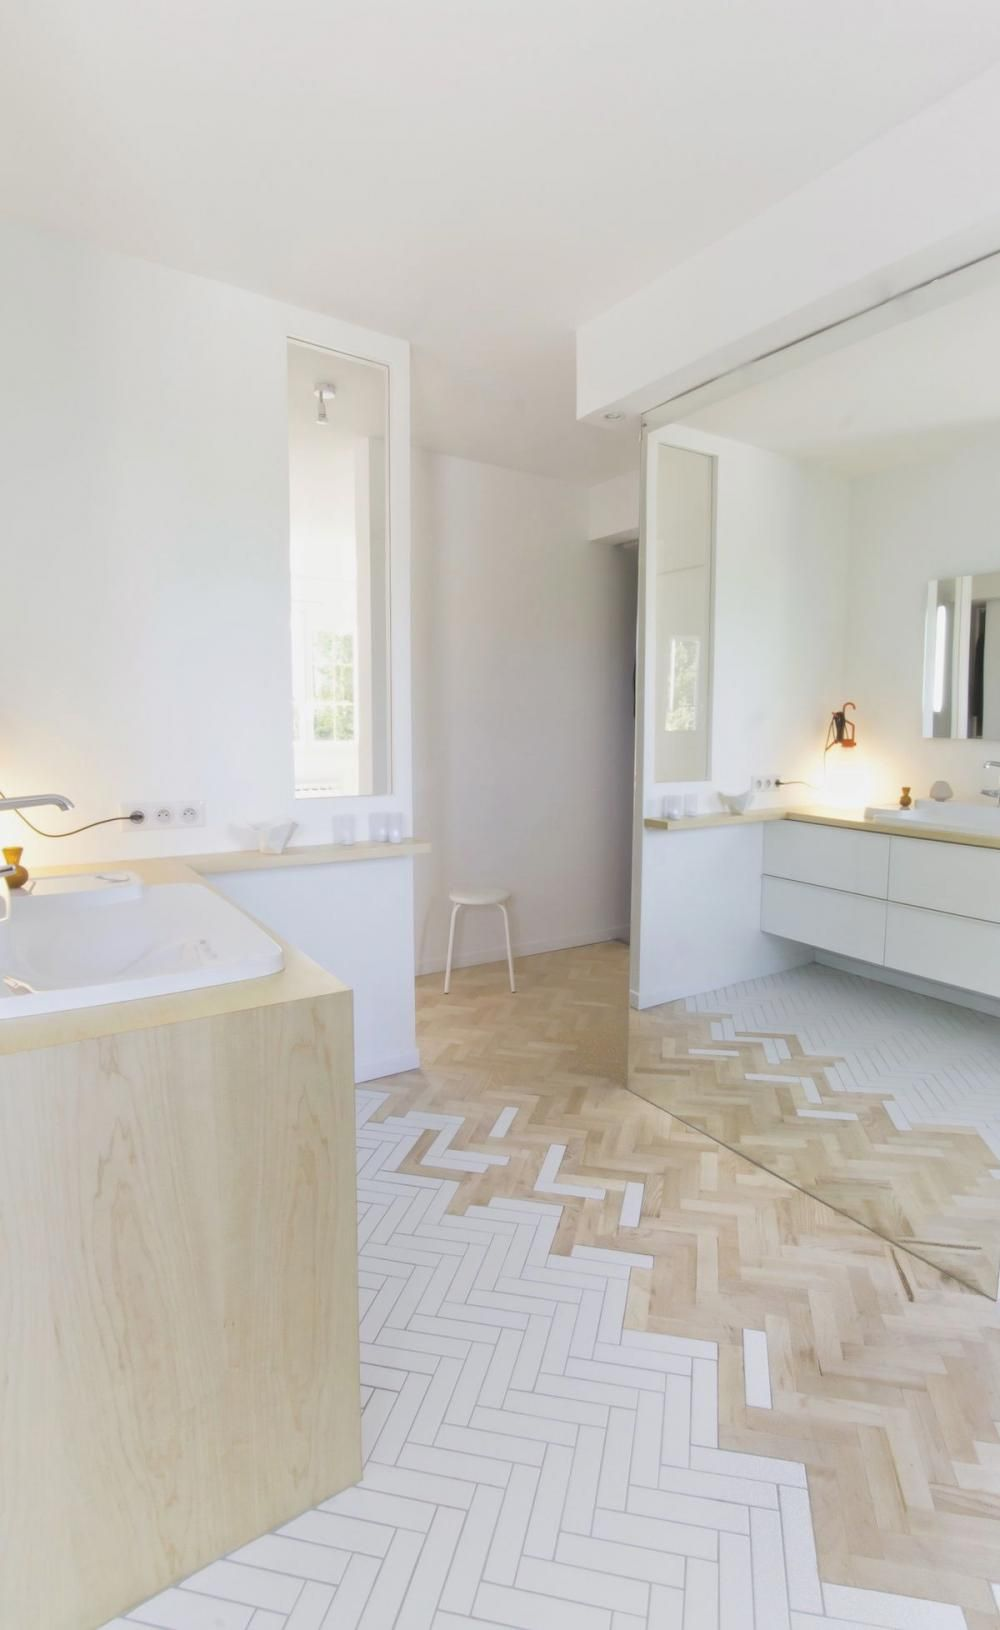 salle de bain lumineuse mixte carrelage blanc et parquet clair